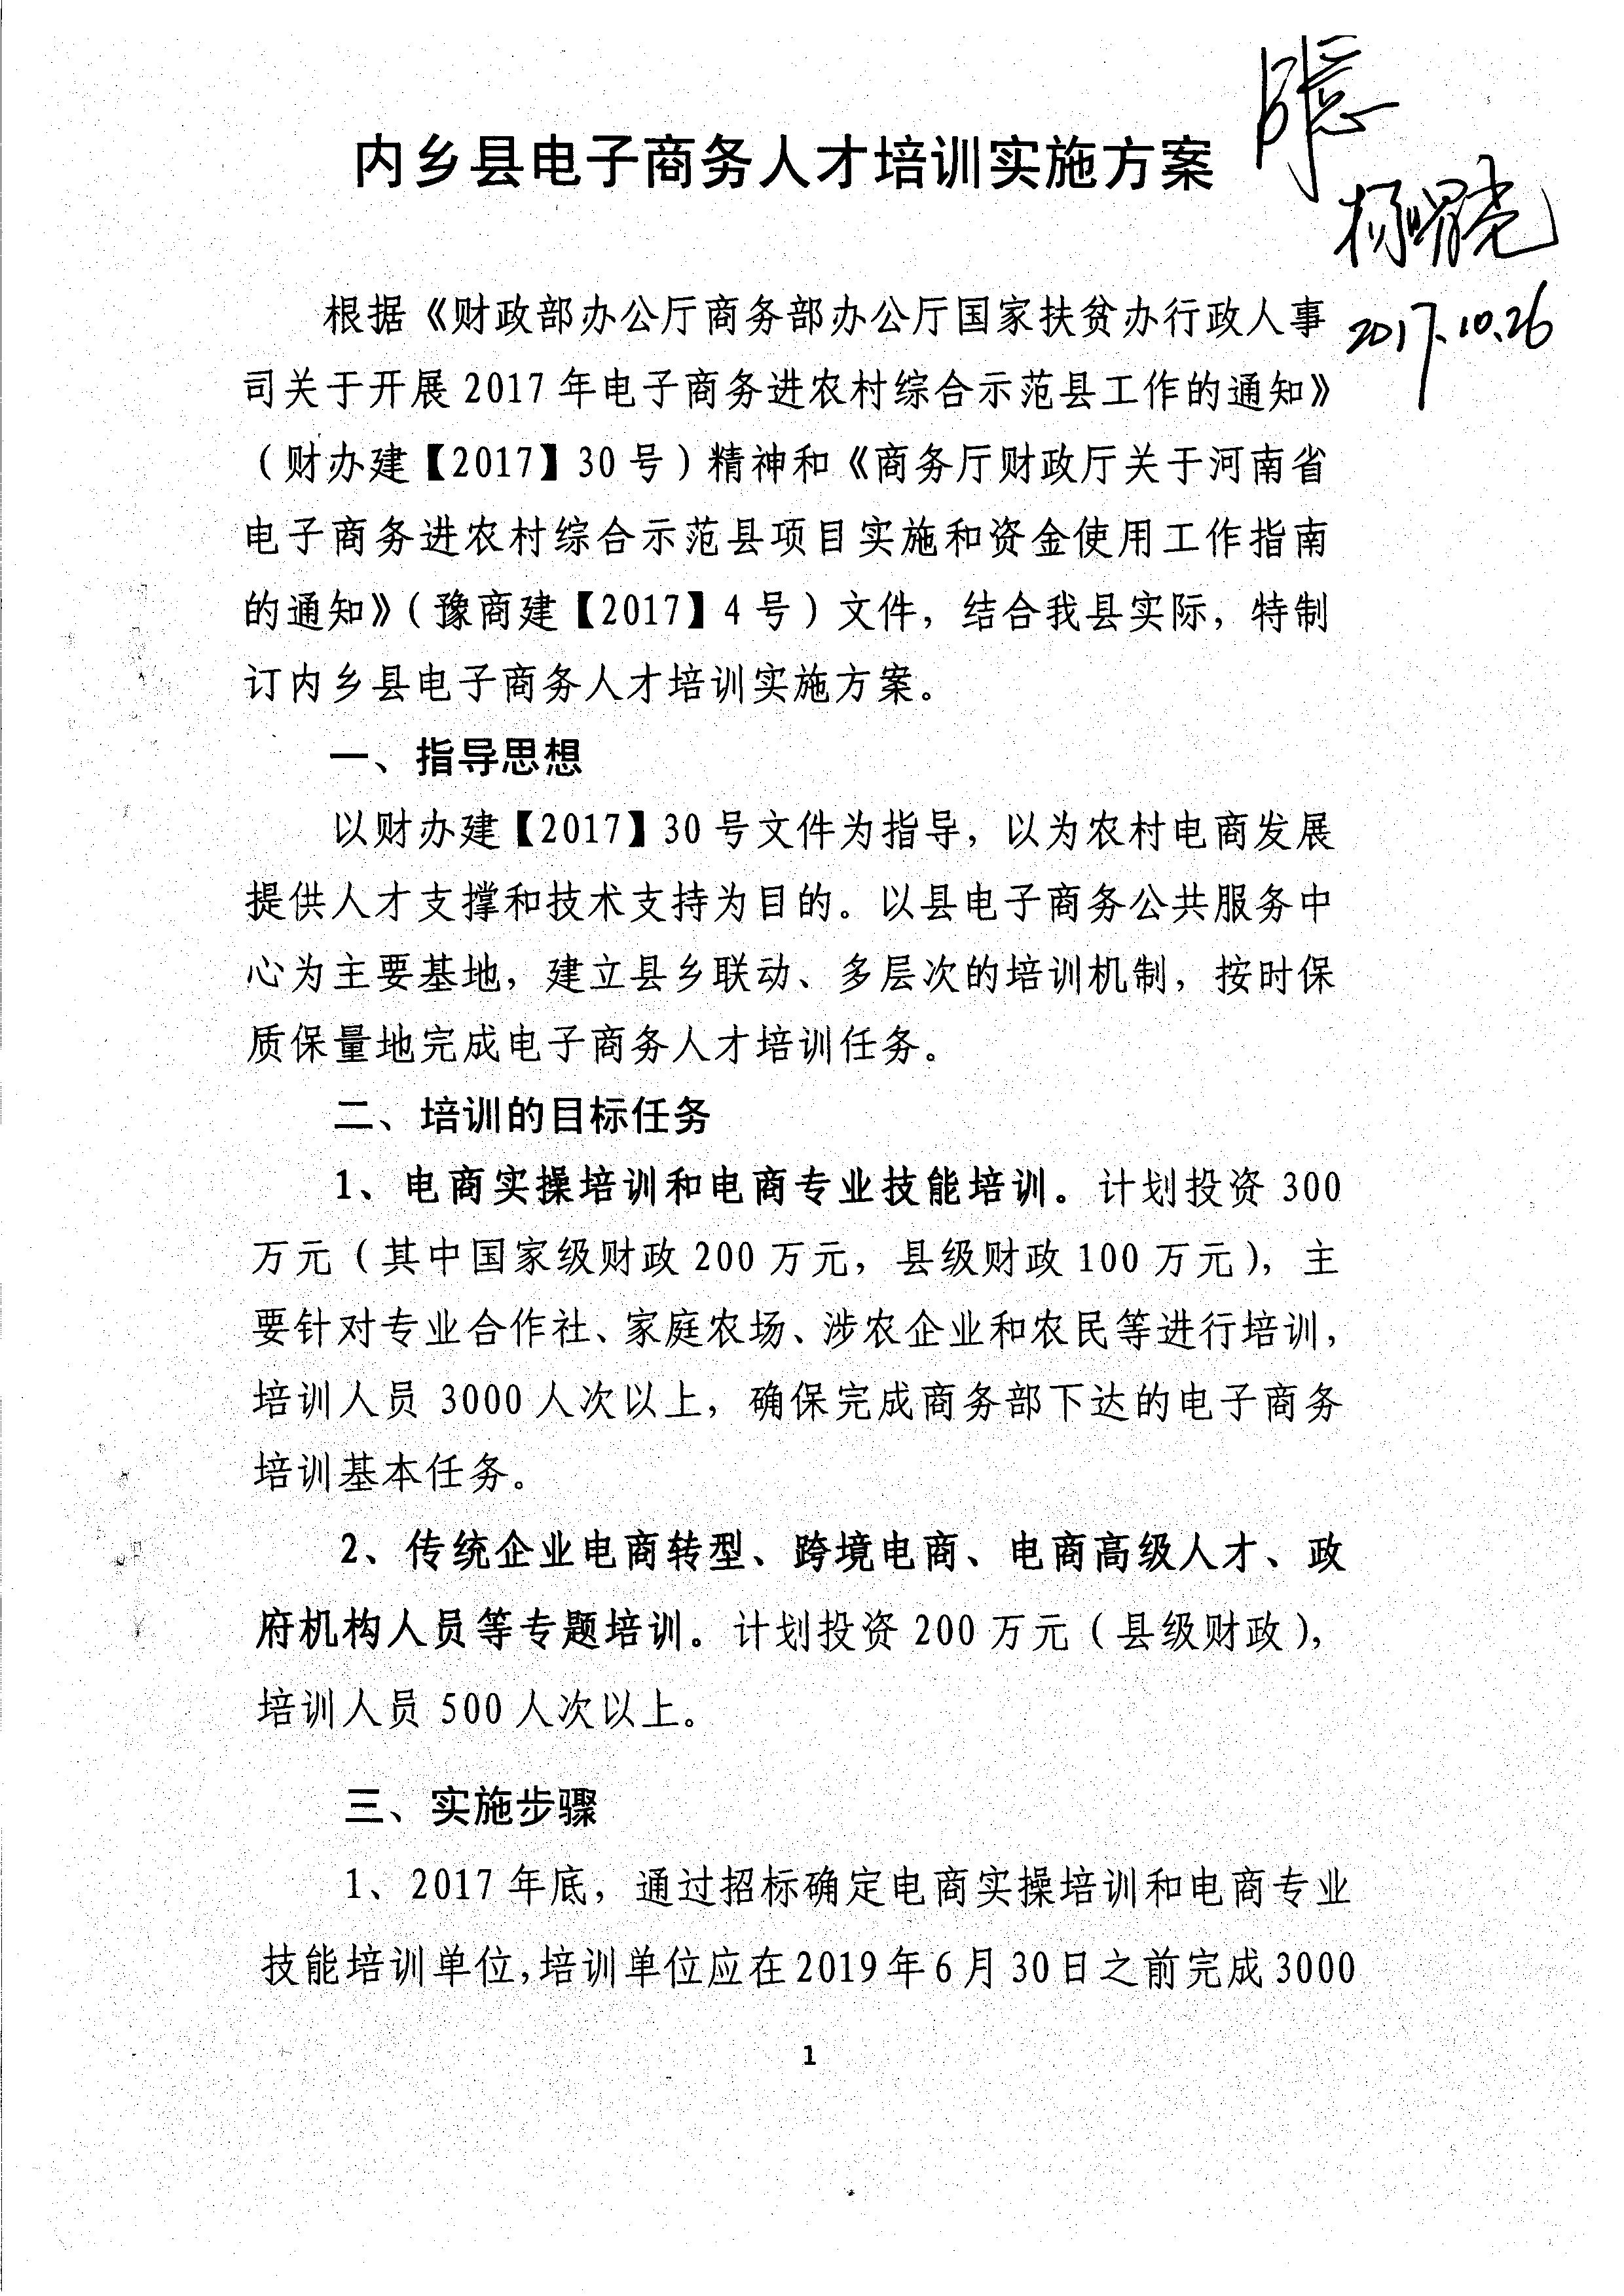 内乡县电子商务人才培训实施方案1